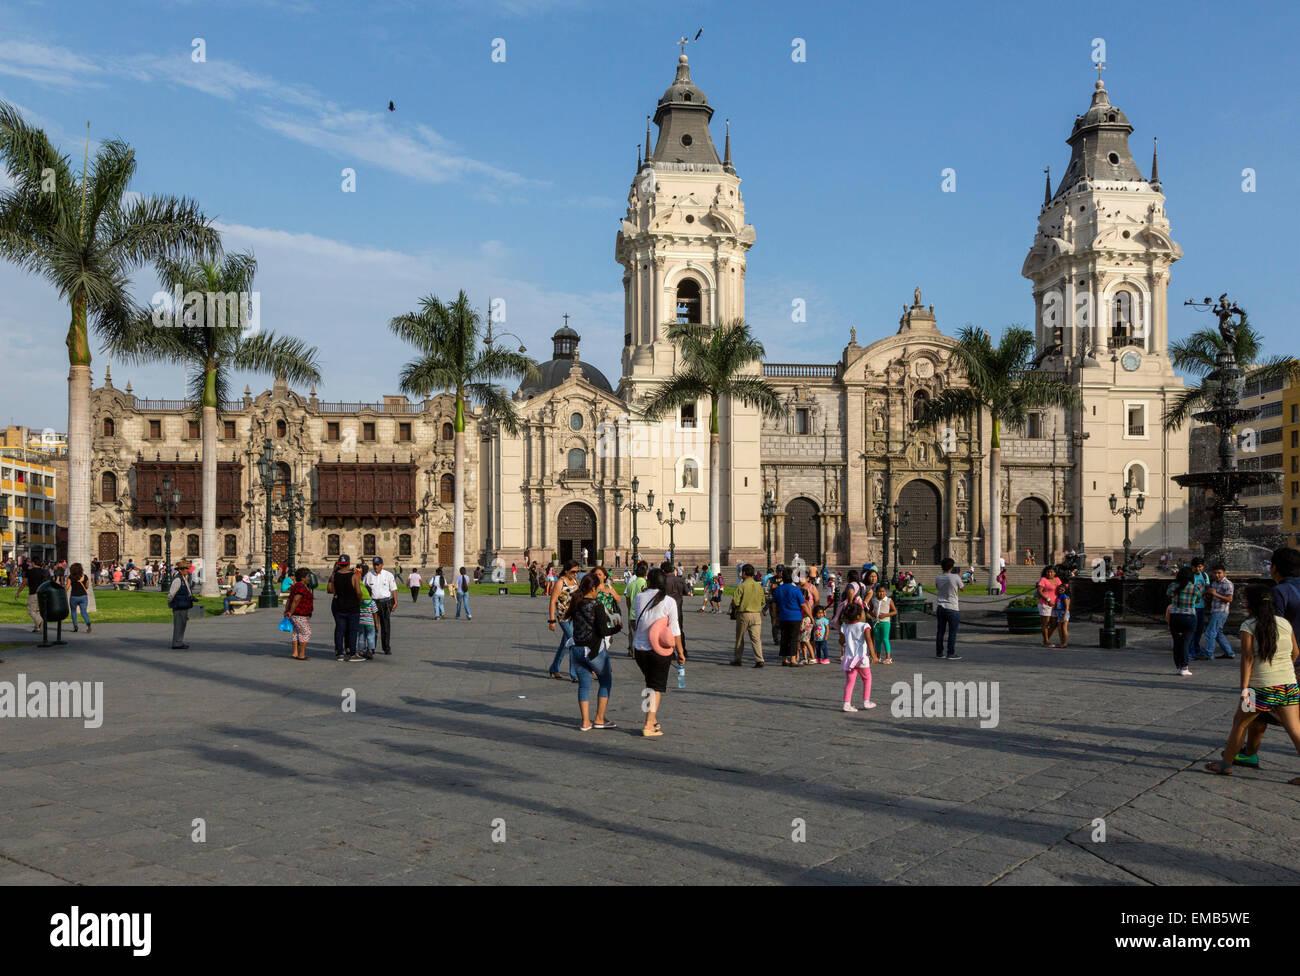 Il Perù, Lima. Cattedrale sulla destra, palazzo arcivescovile sulla sinistra. Plaza de Armas. Immagini Stock